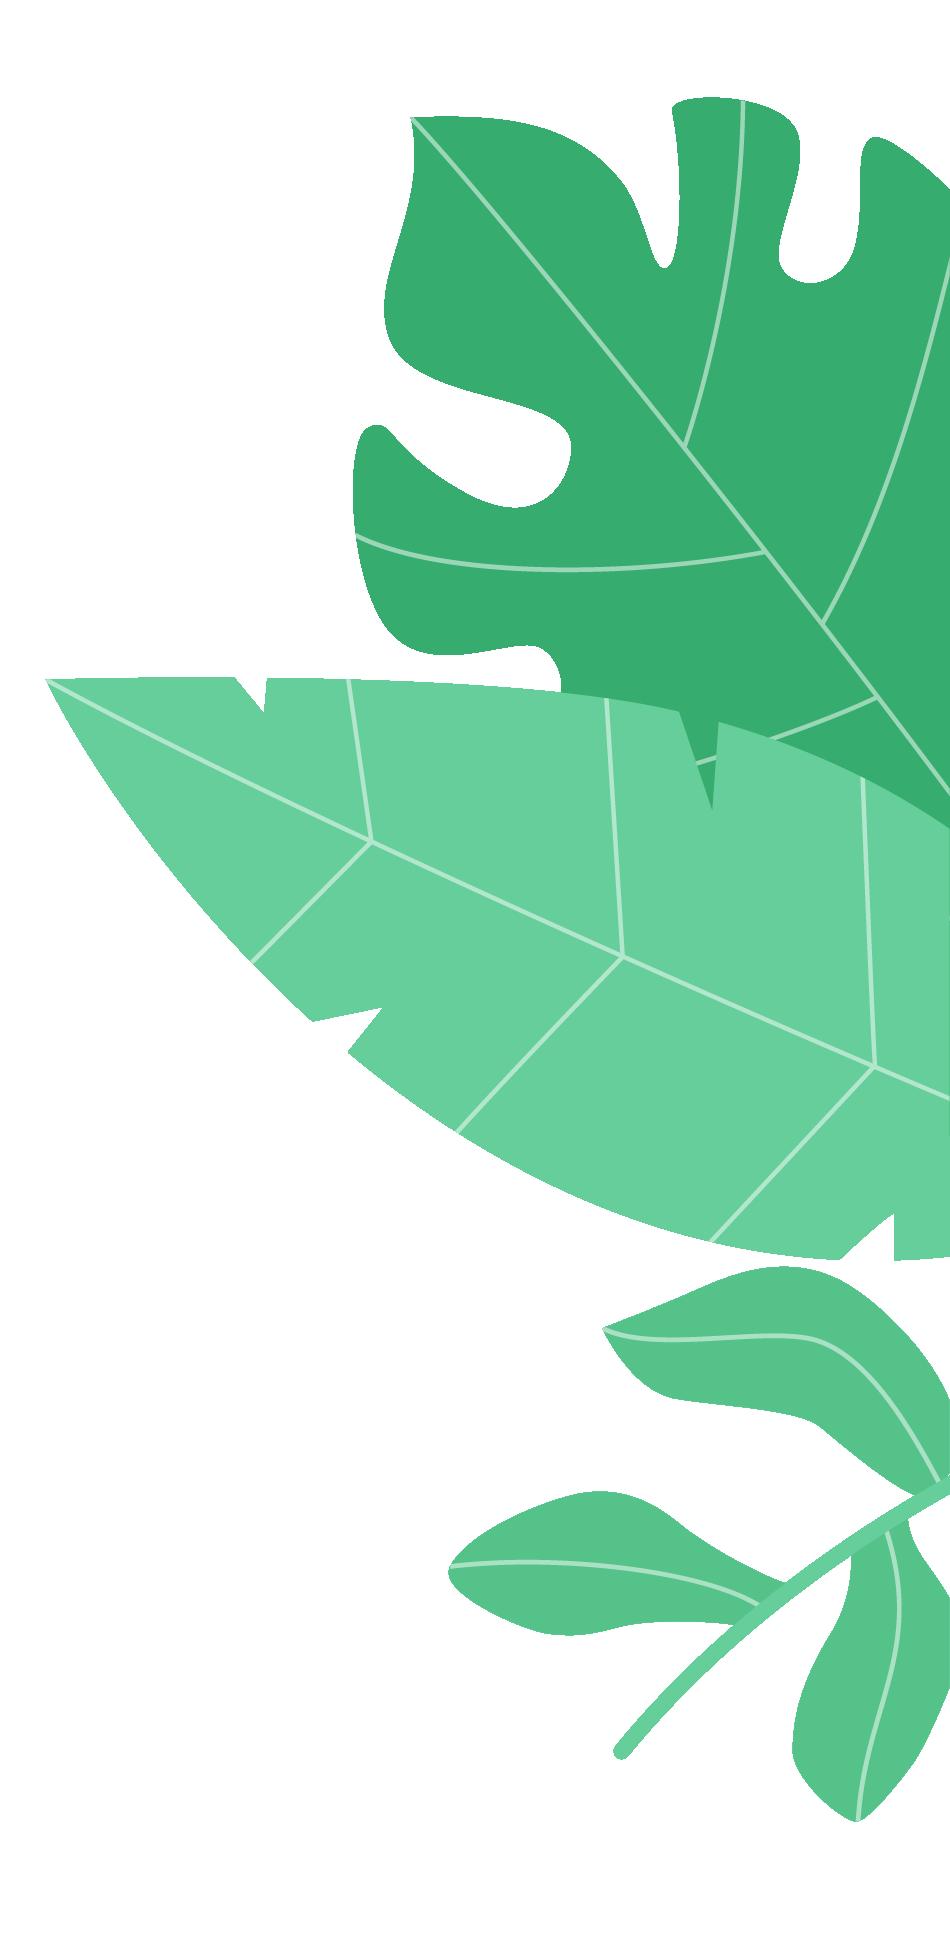 seize_vegetation_2.png